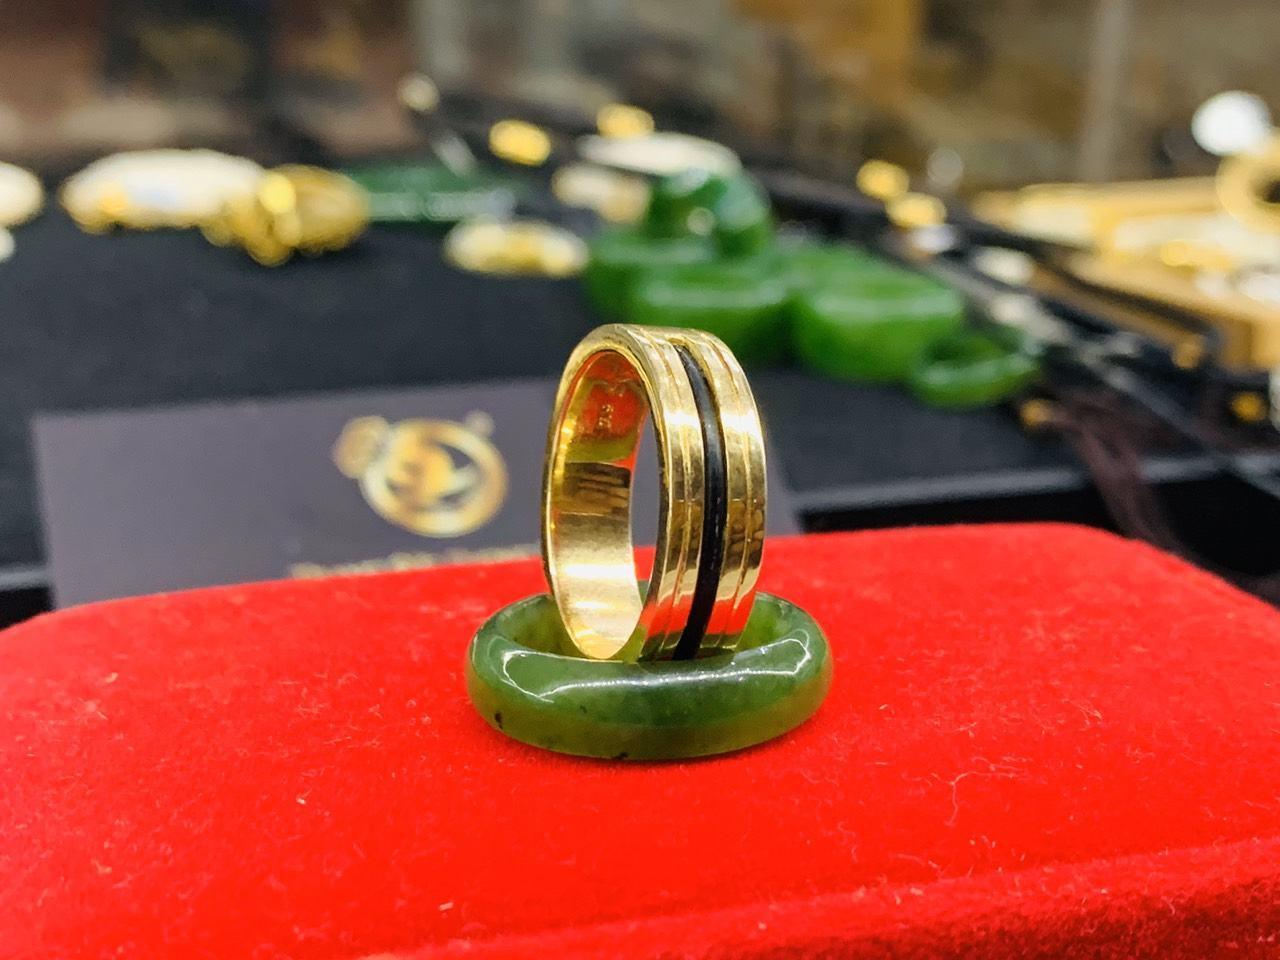 Nhẫn nữ đẹp 2 viền khắc vàng 18K - Bảng 6 mm